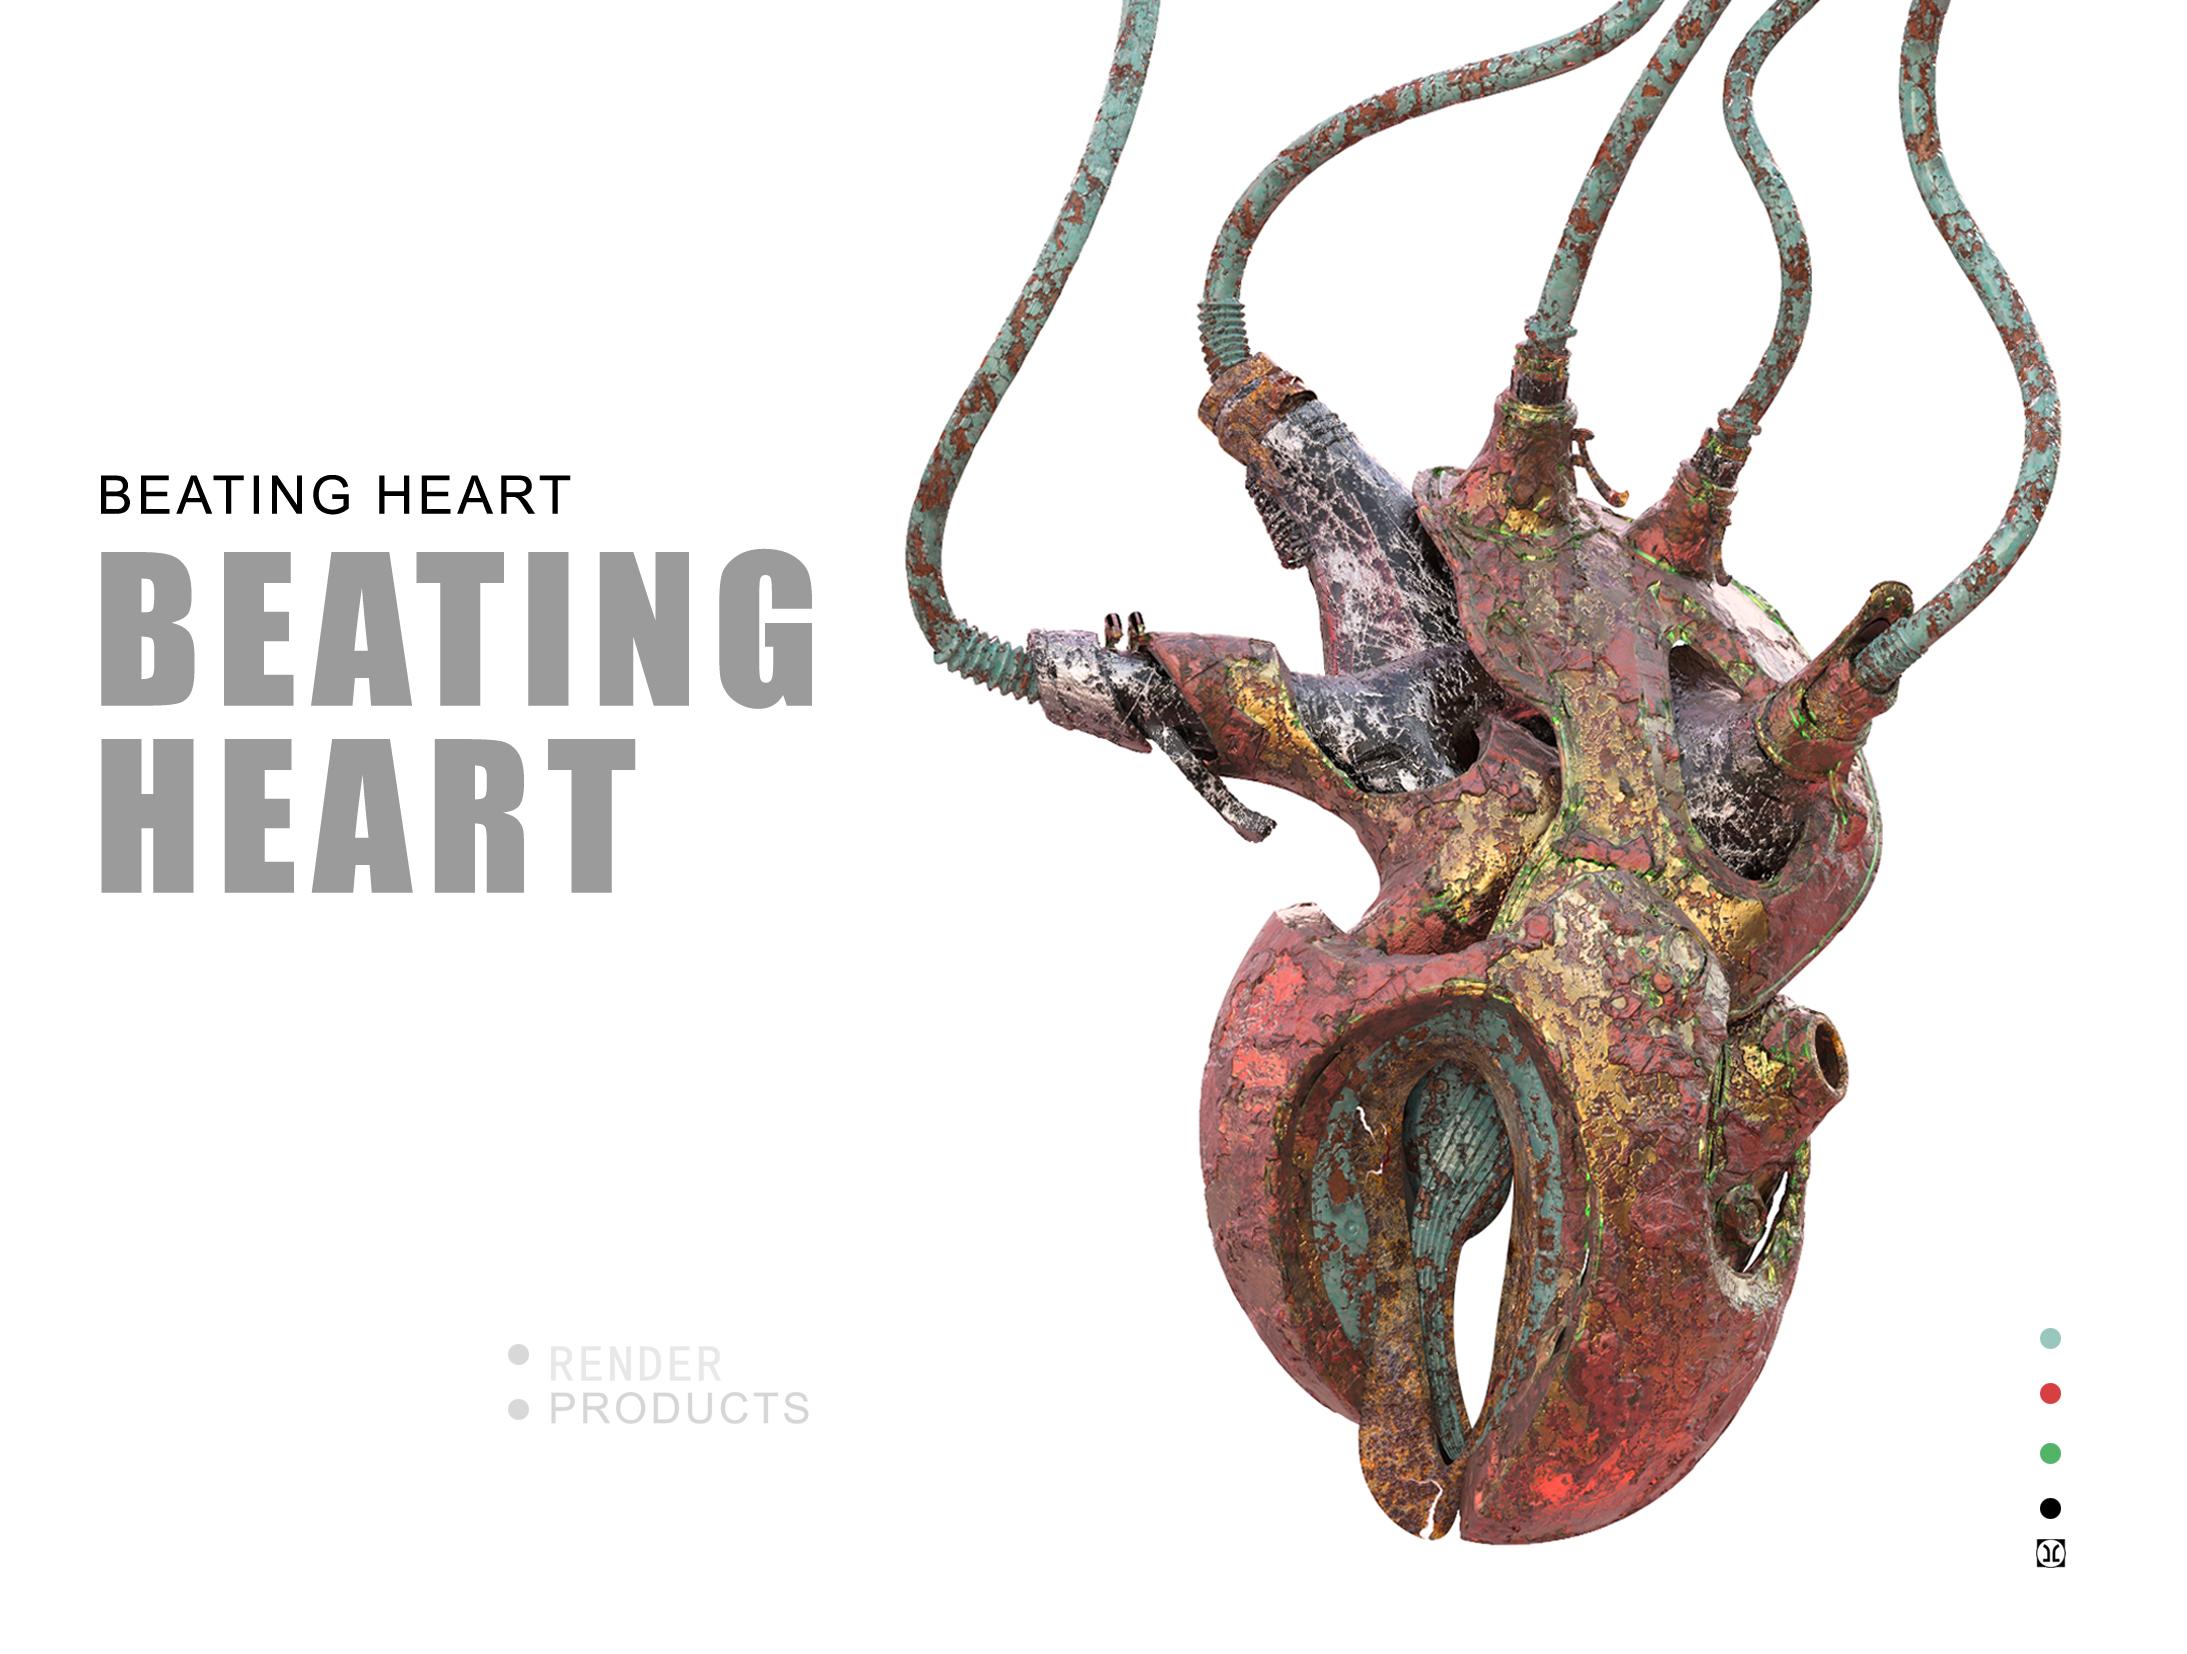 破碎的心脏